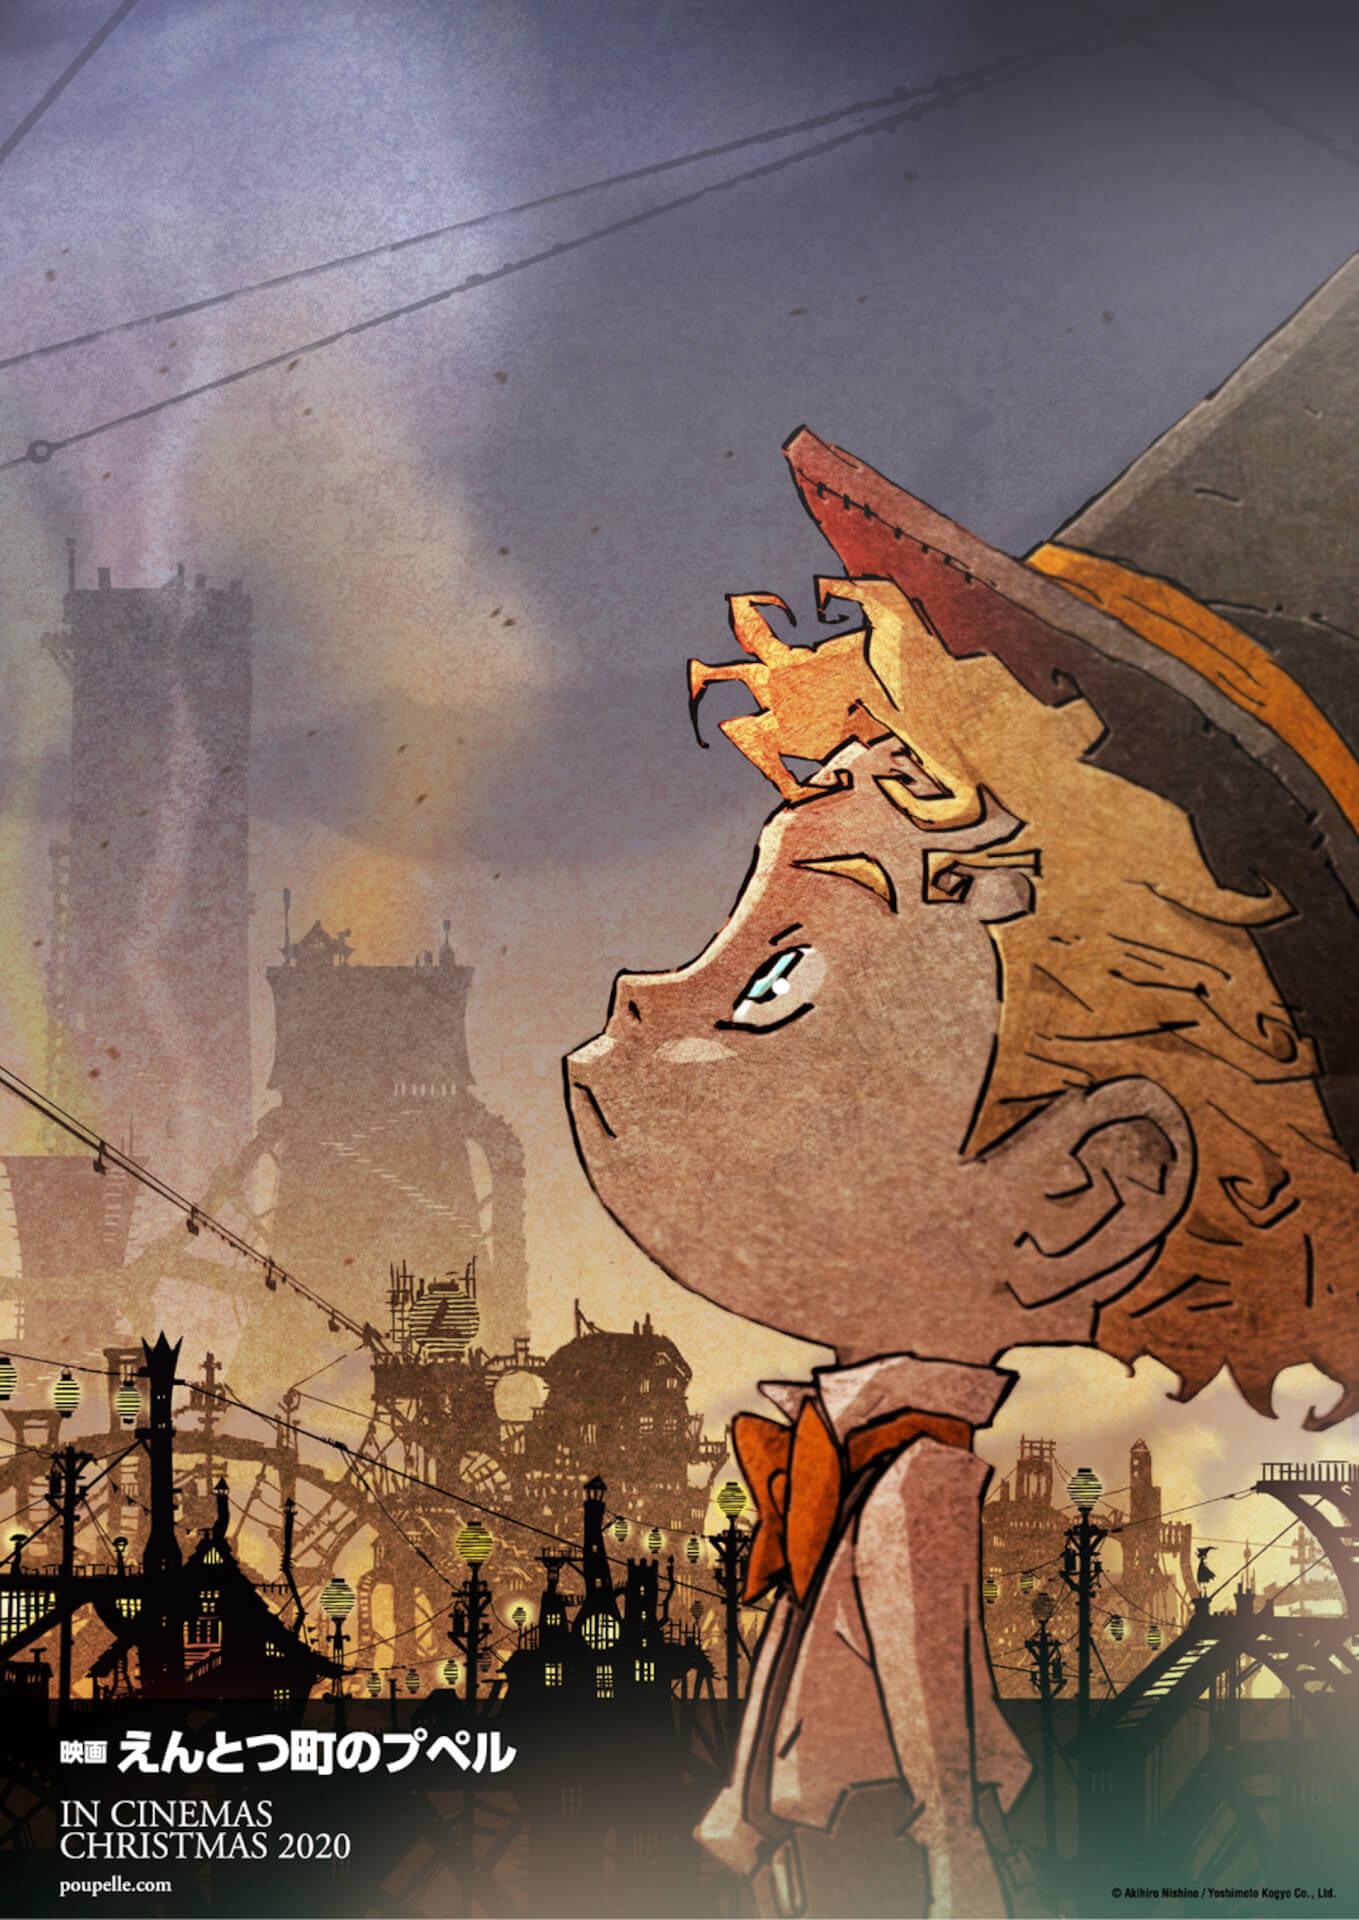 世界中で超大ヒットを記録する西野亮廣の絵本がついに映画化!『映画 えんとつ町のプペル』2020年クリスマス公開決定|制作はSTUDIO4℃ film191225_poupelle_2